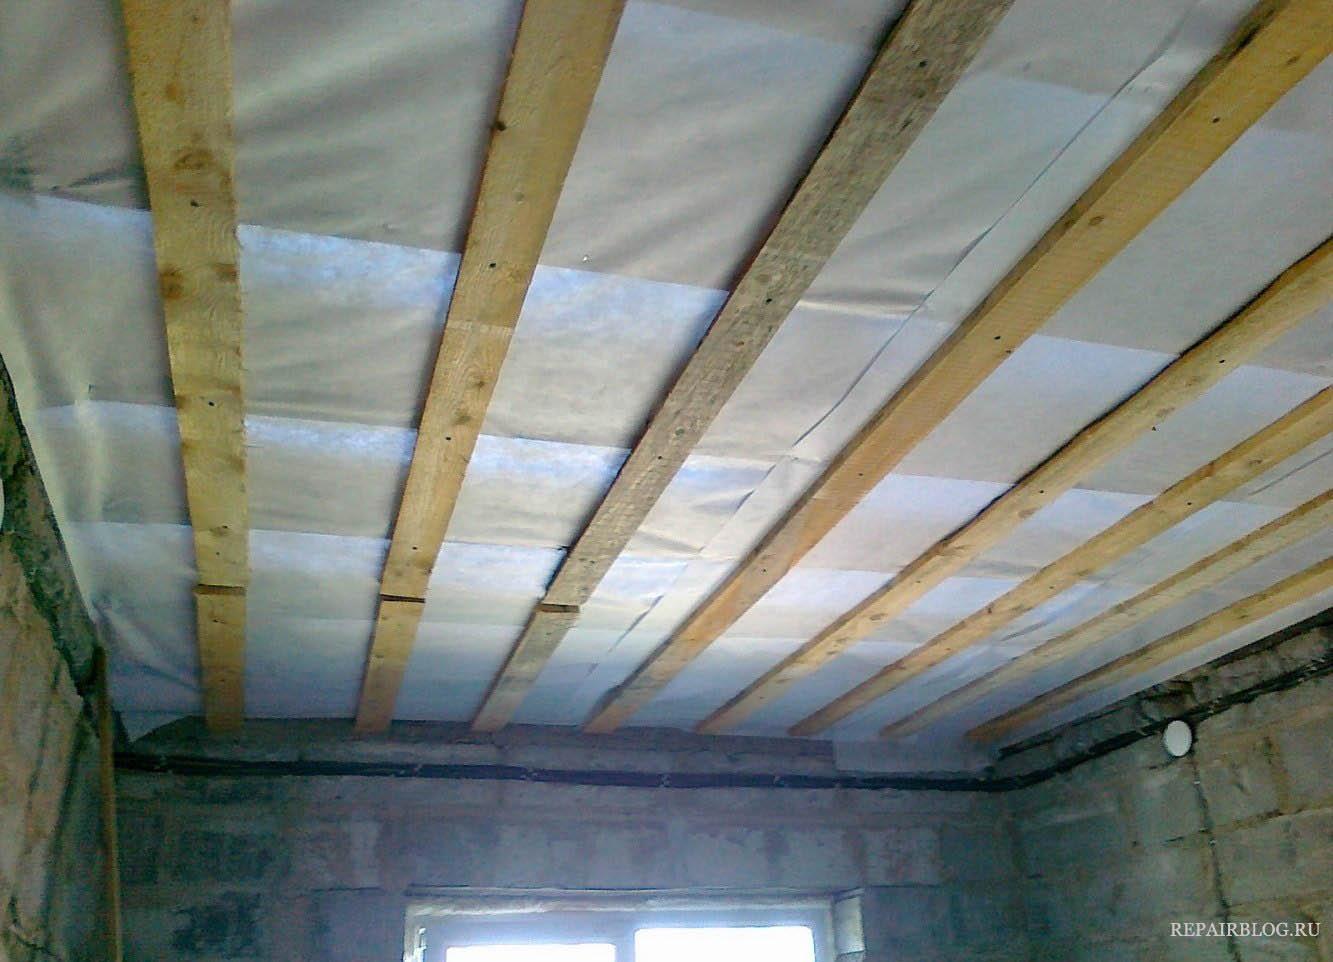 Пароизоляция для потолка в деревянном перекрытии: материалы и особенности монтажа